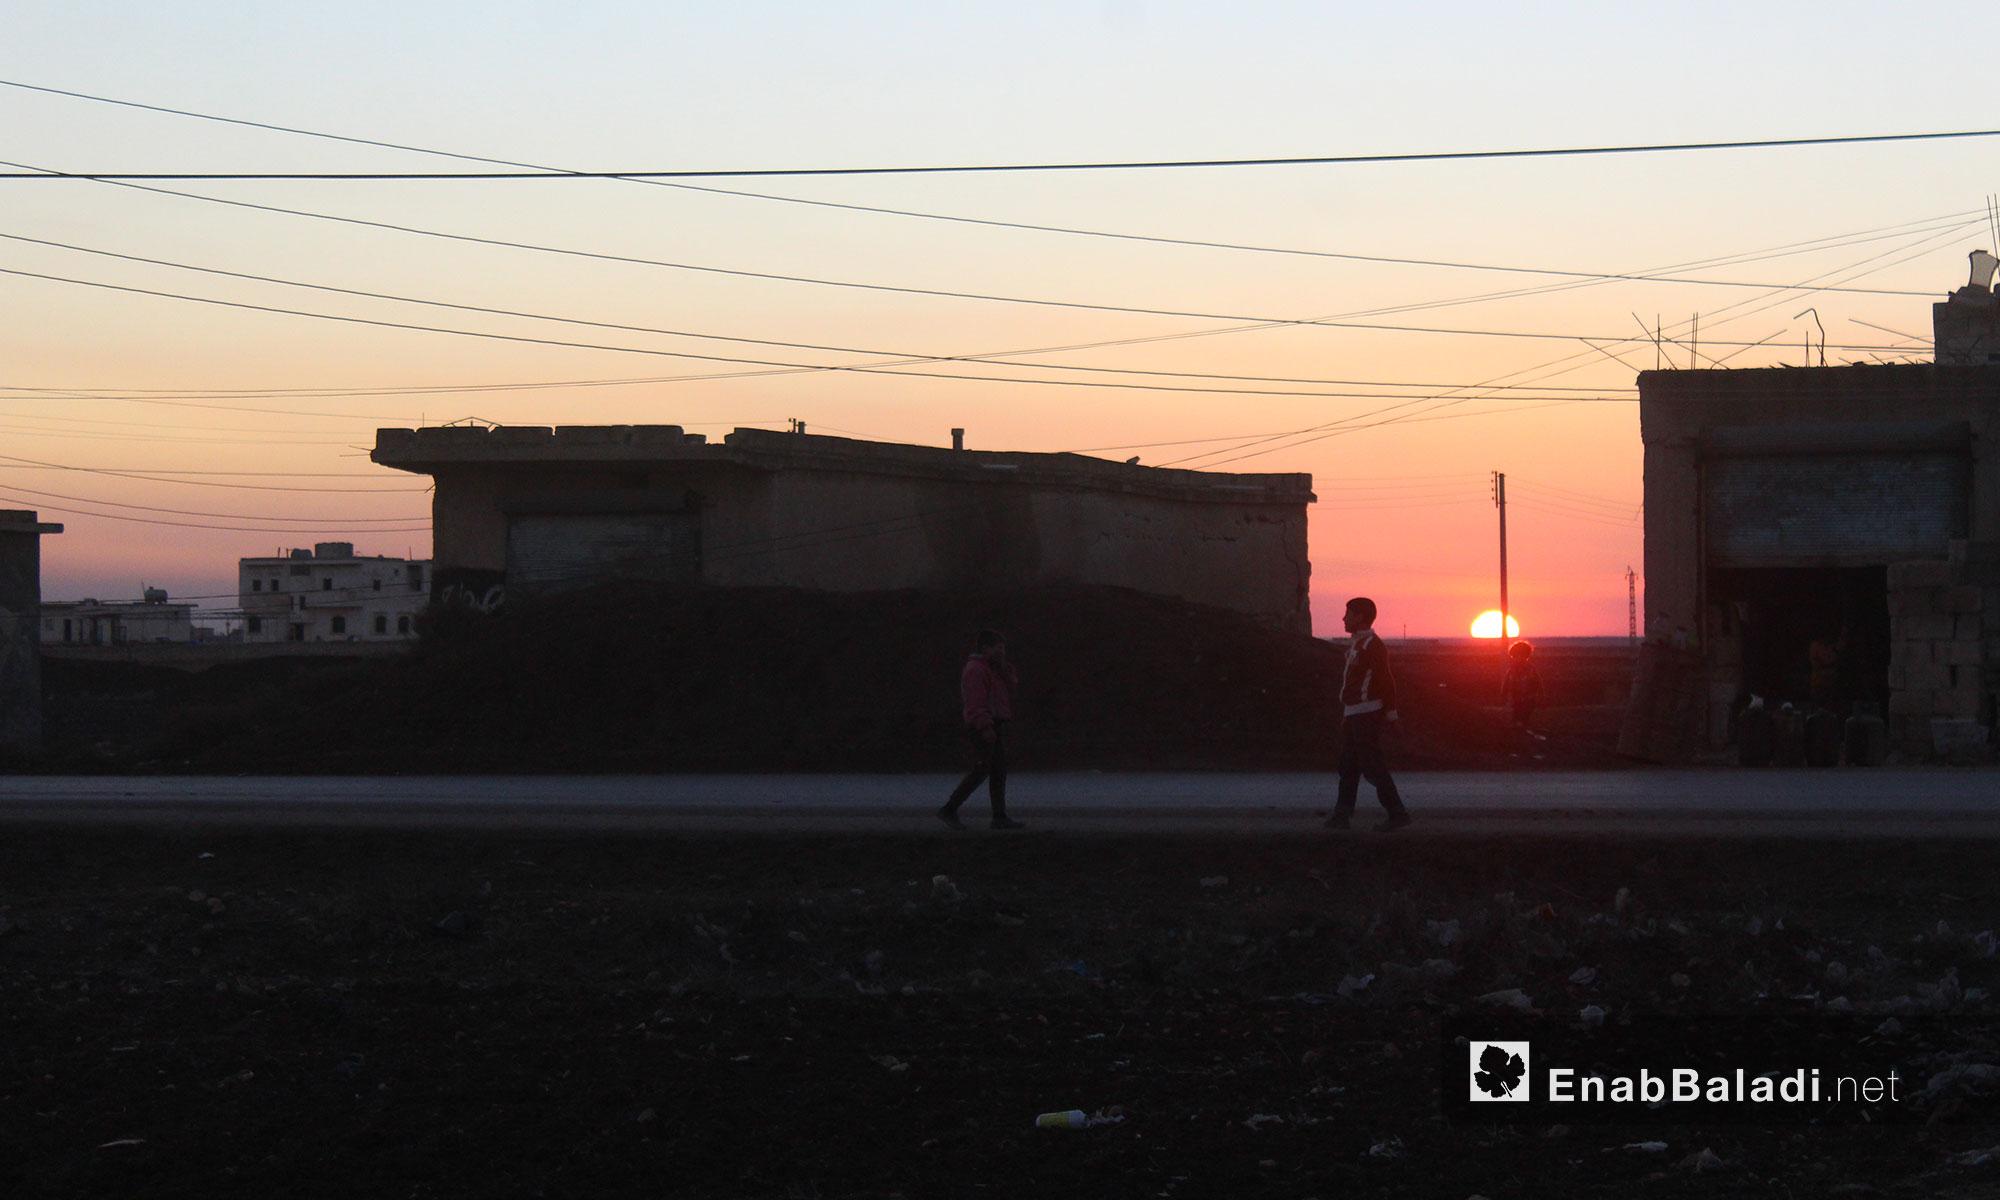 لحظات الغروب في ريف حلب الشمالي - 6 كانون الأول 2016 (عنب بلدي)